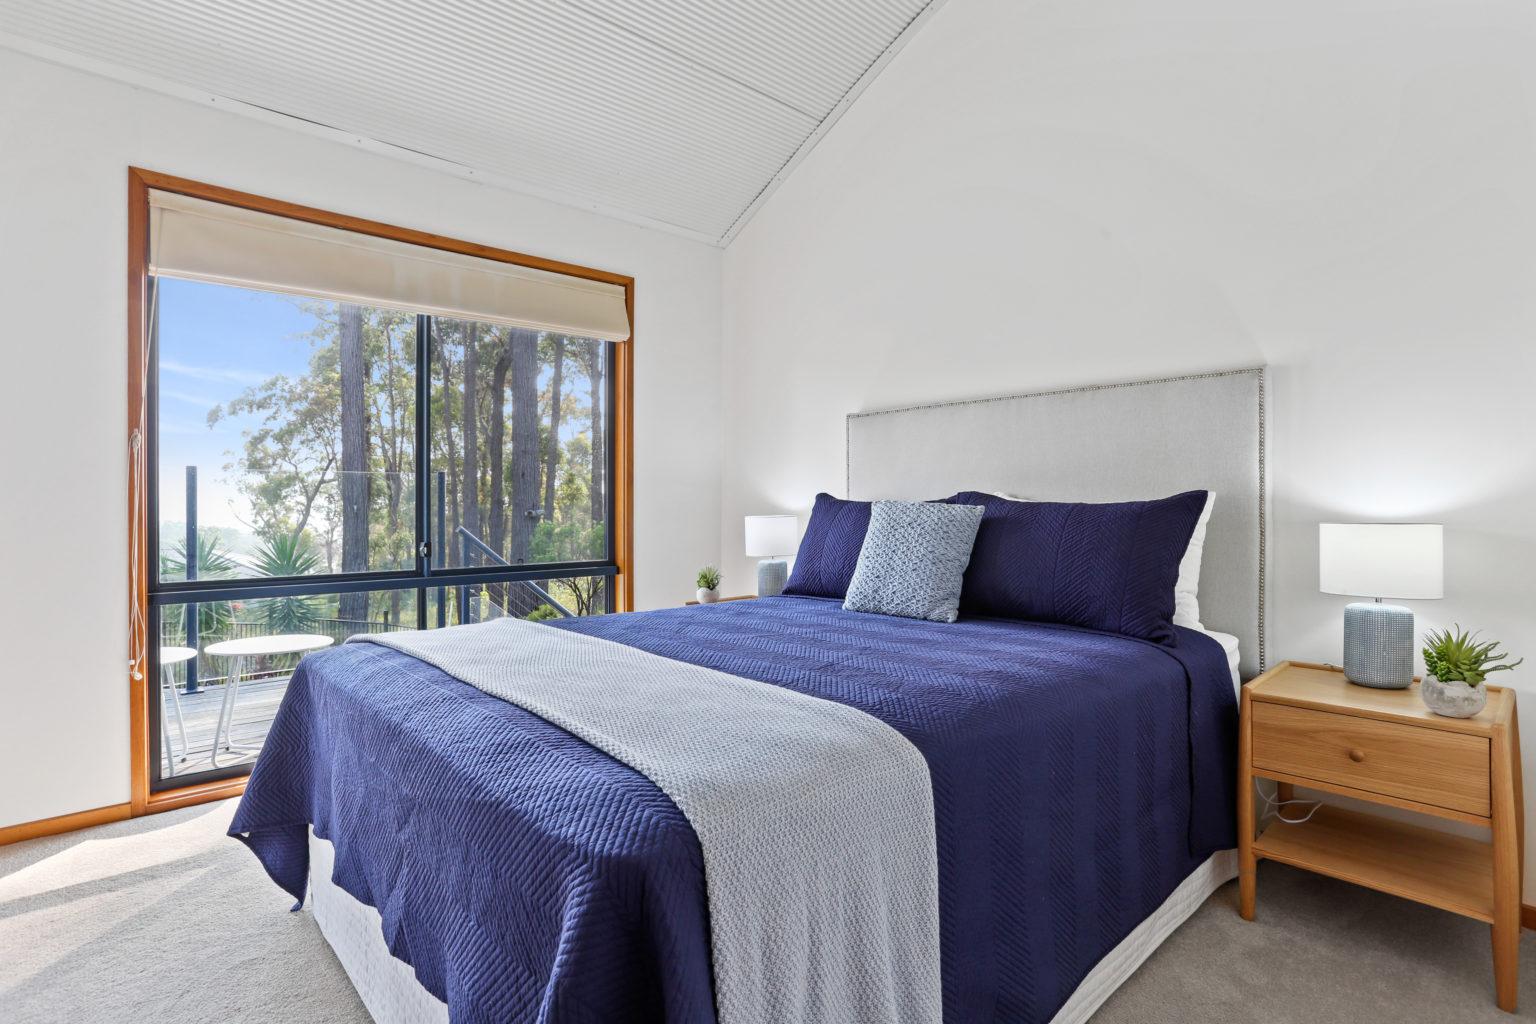 Tura Tree House 5 Bedroom 2 Bath Merimbula Accommodation